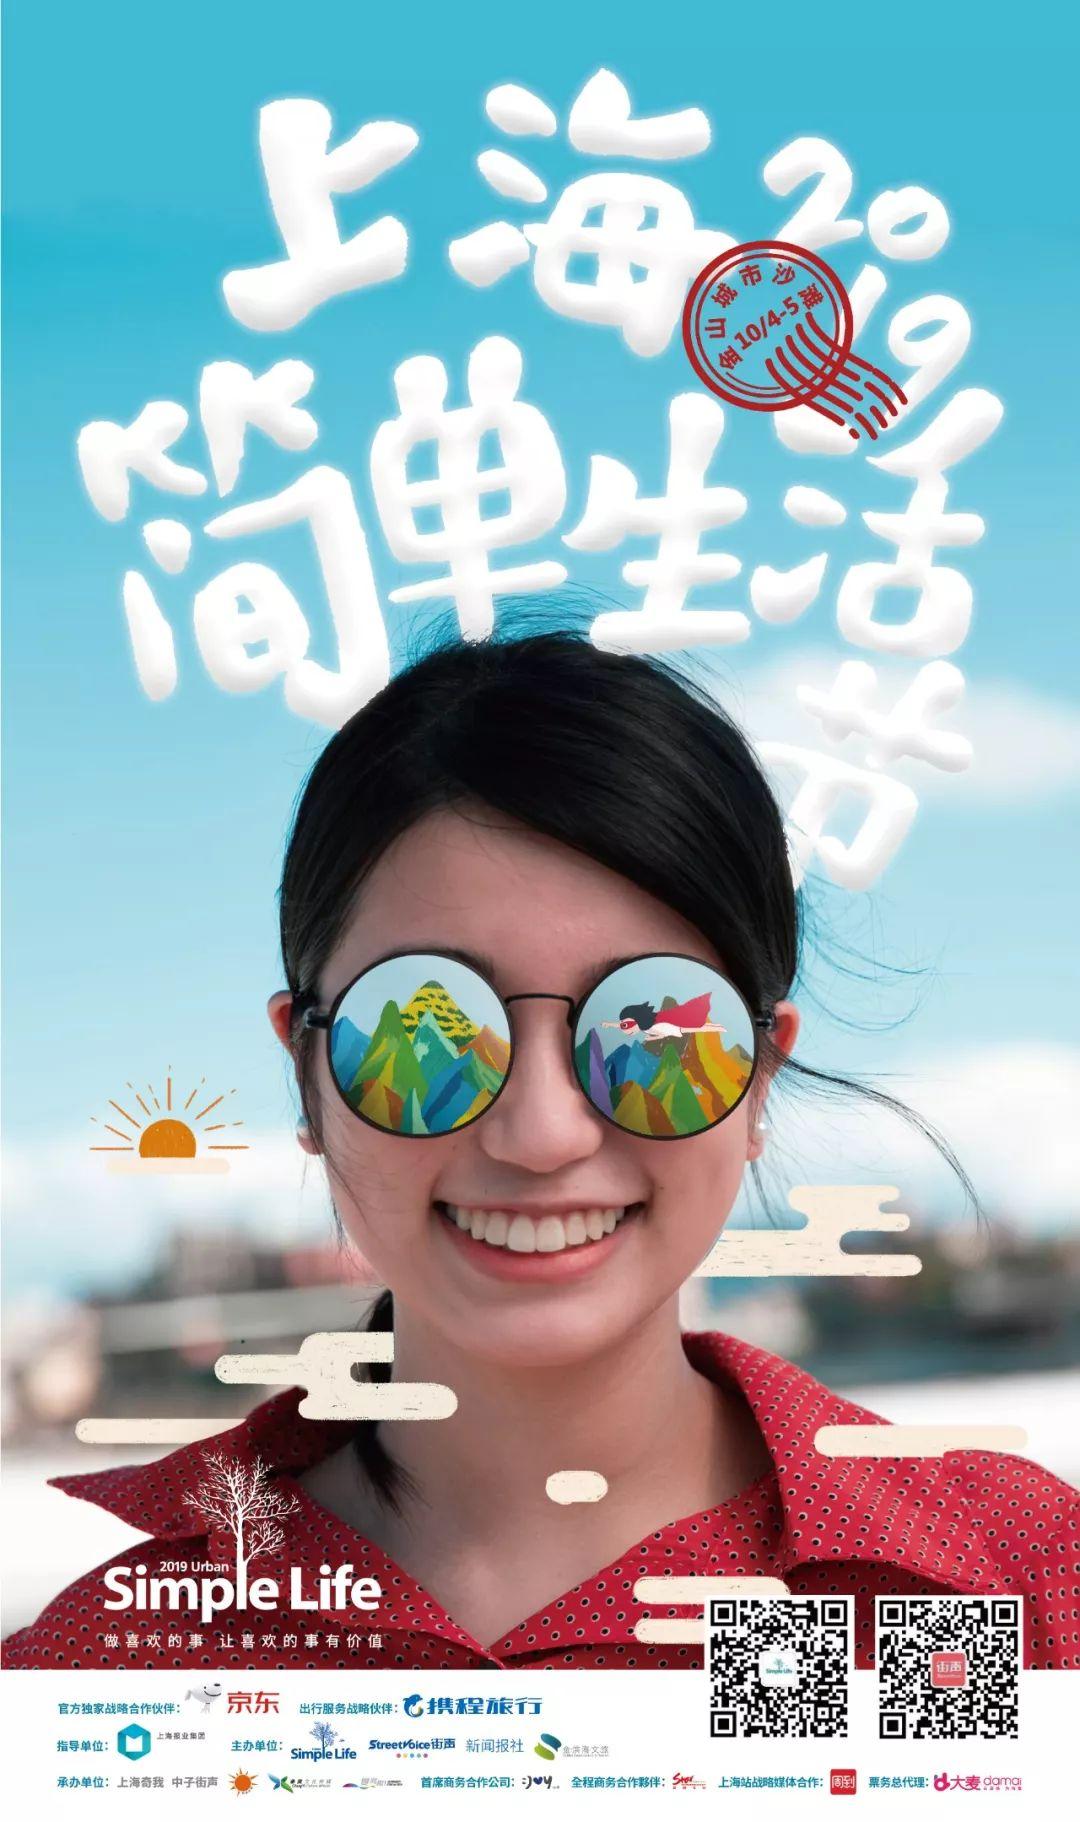 <b>福利丨2019上海简单生活节中奖名单</b>